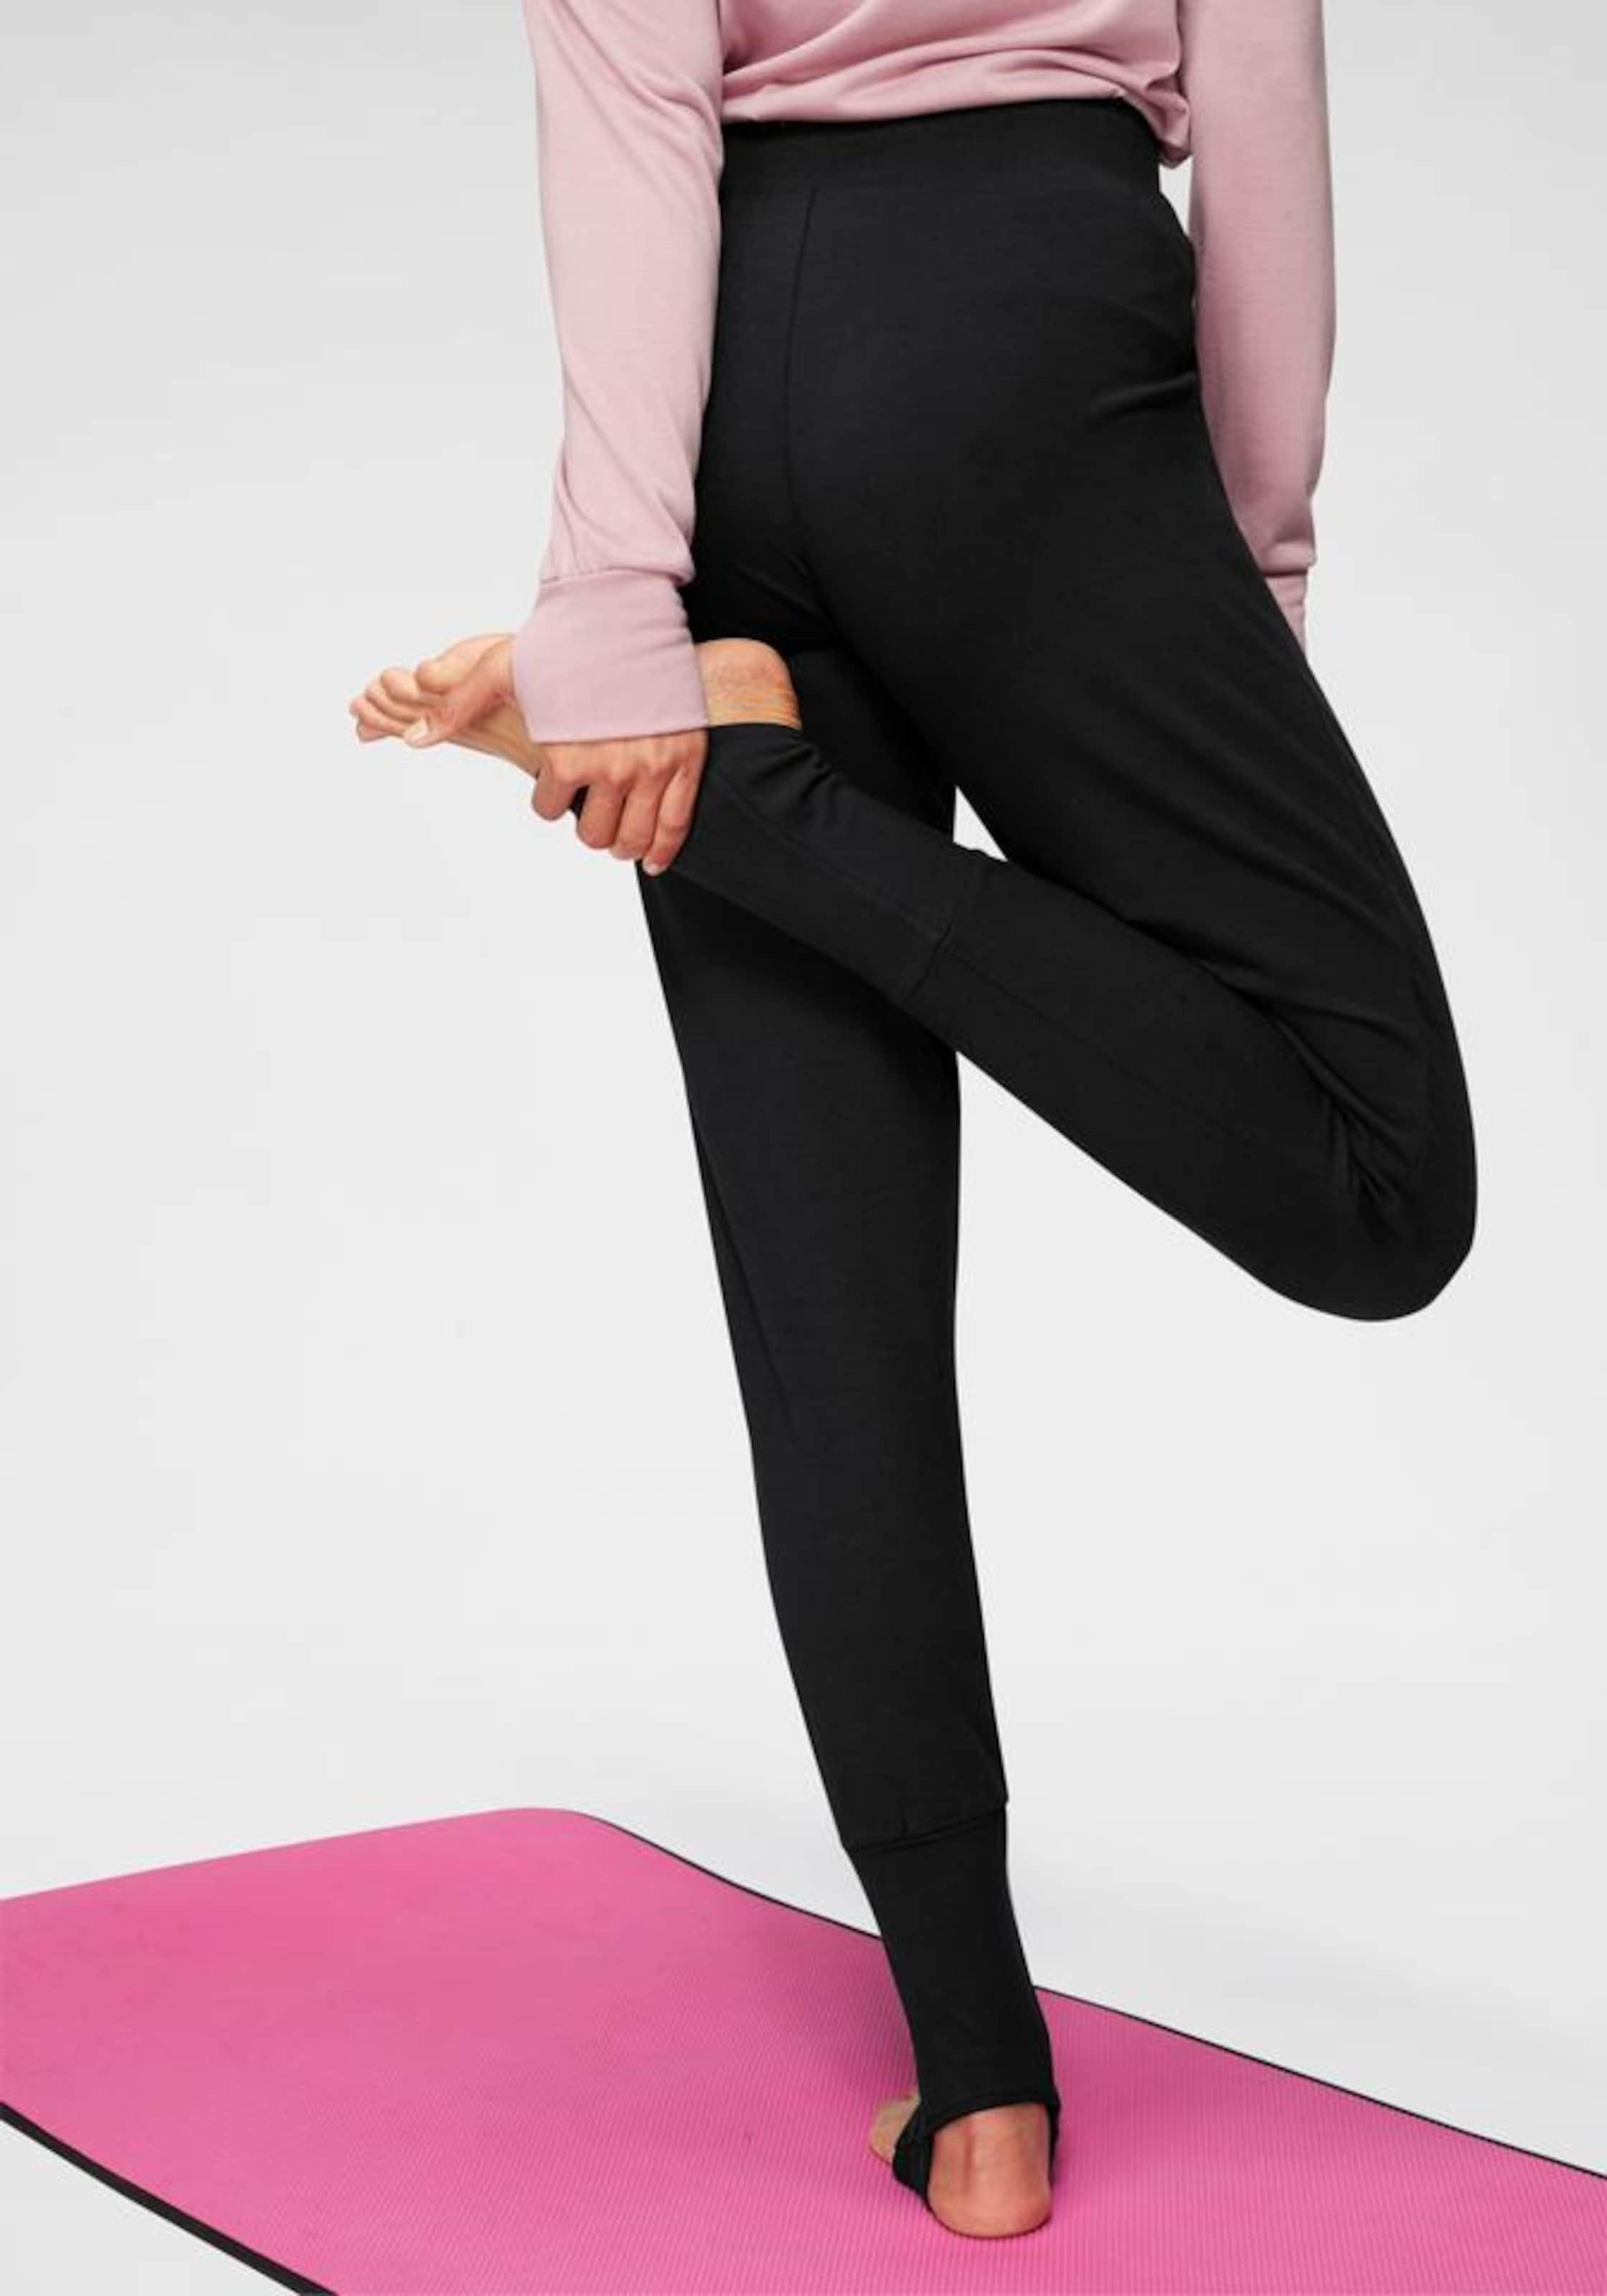 Sportswear In Yogahose Schwarz Ocean Sportswear Yogahose In Ocean Ocean Schwarz Sportswear Yogahose In gyvI7f6Yb